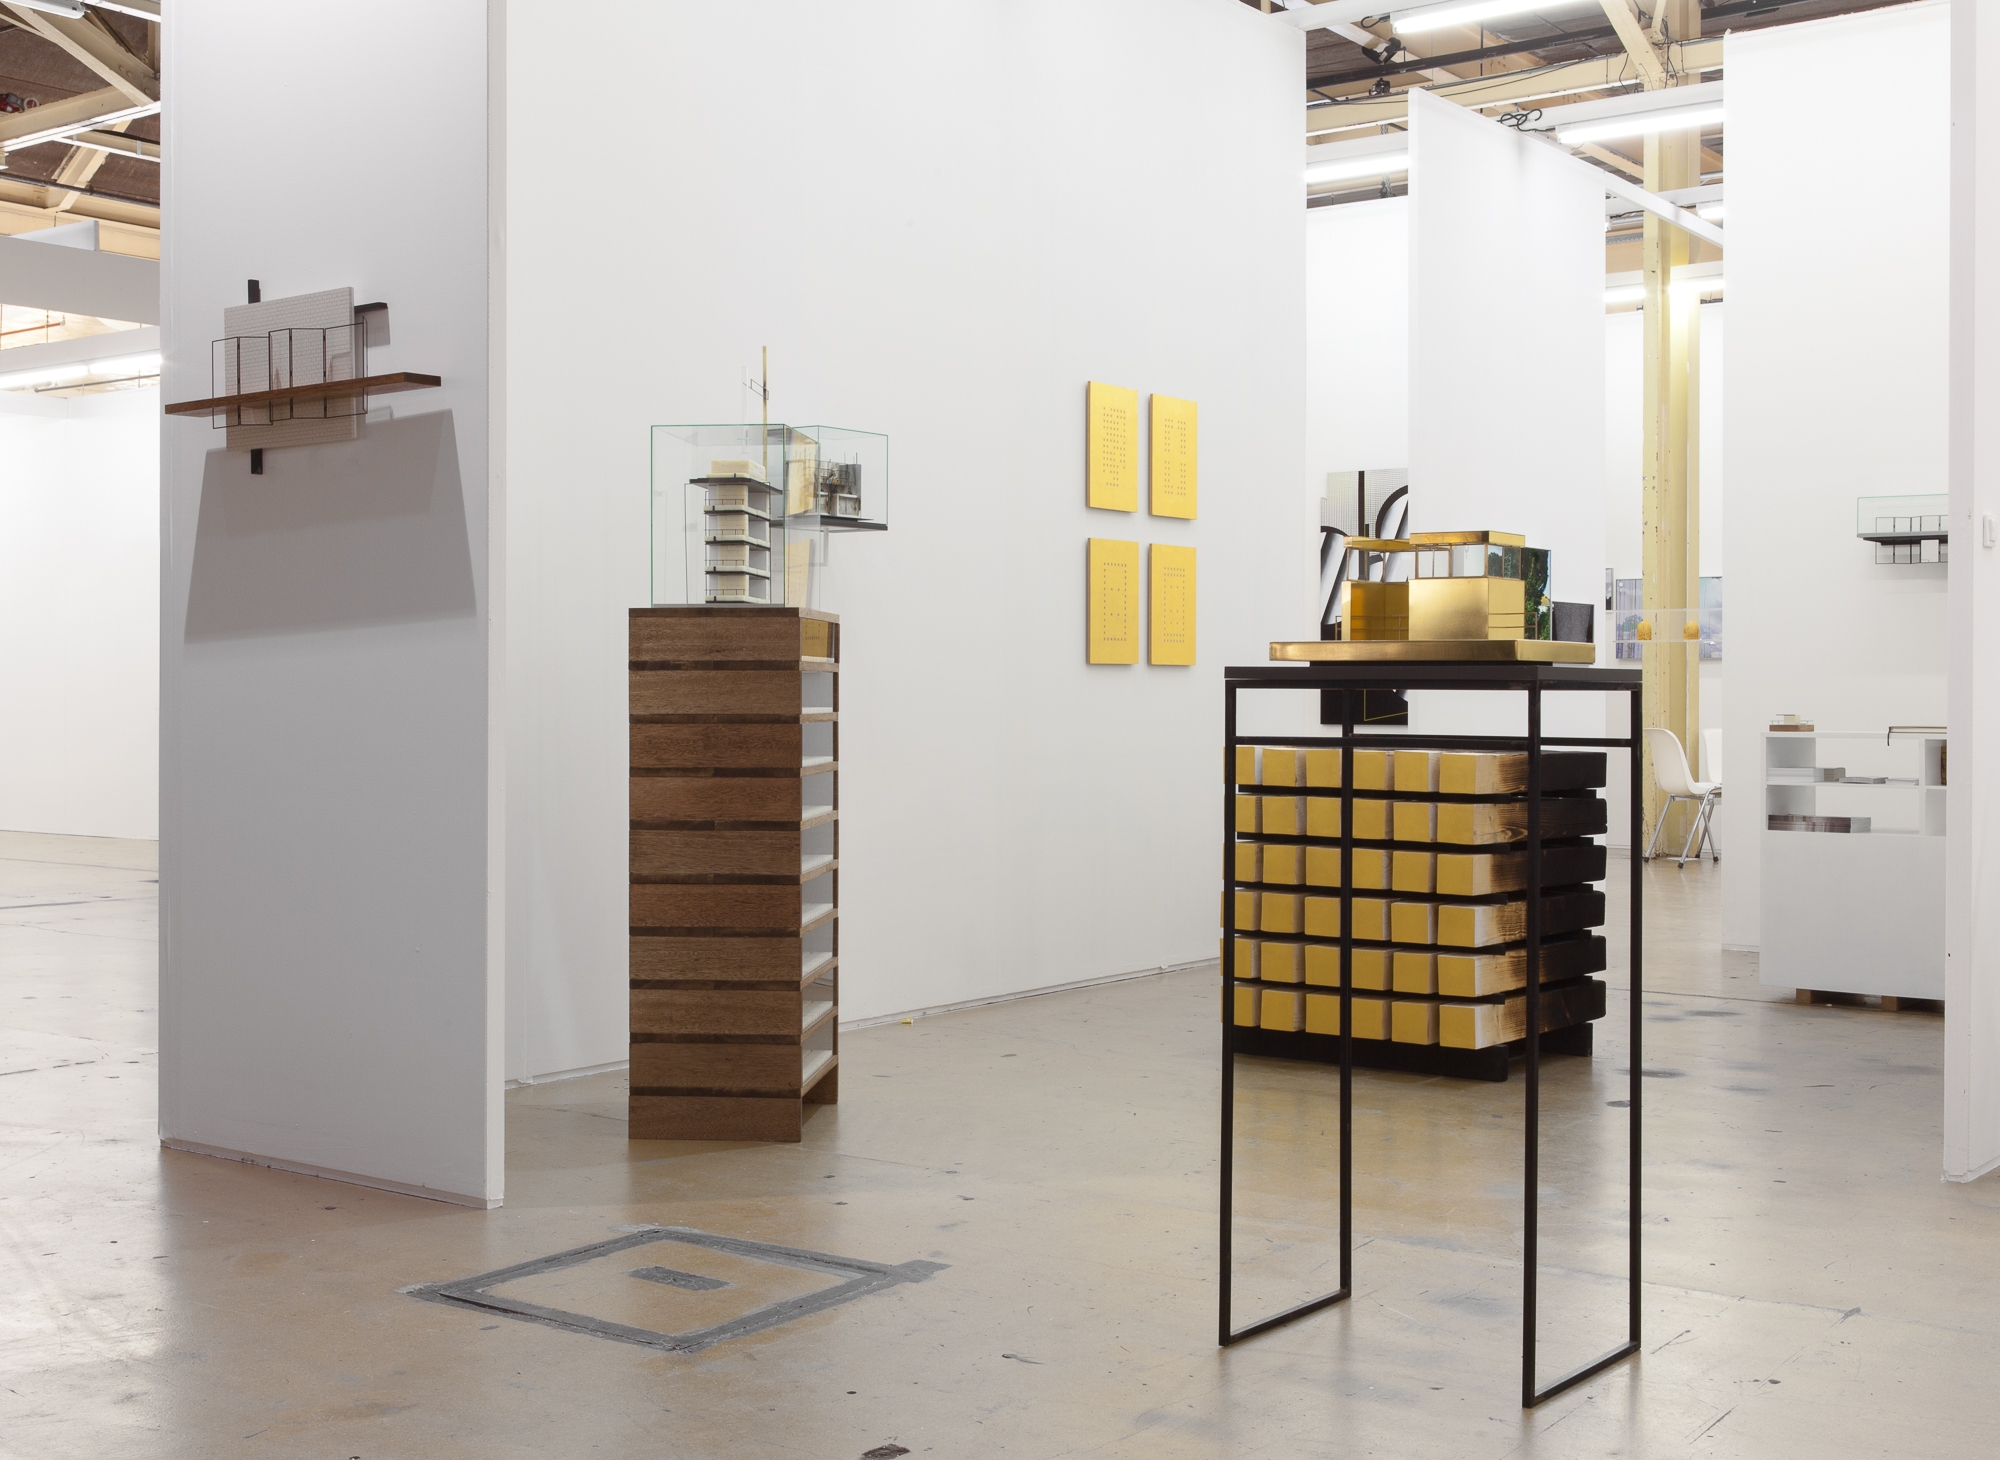 dmw art space, caroline van den eynden, art rotterdam, 2019, elemental entropy